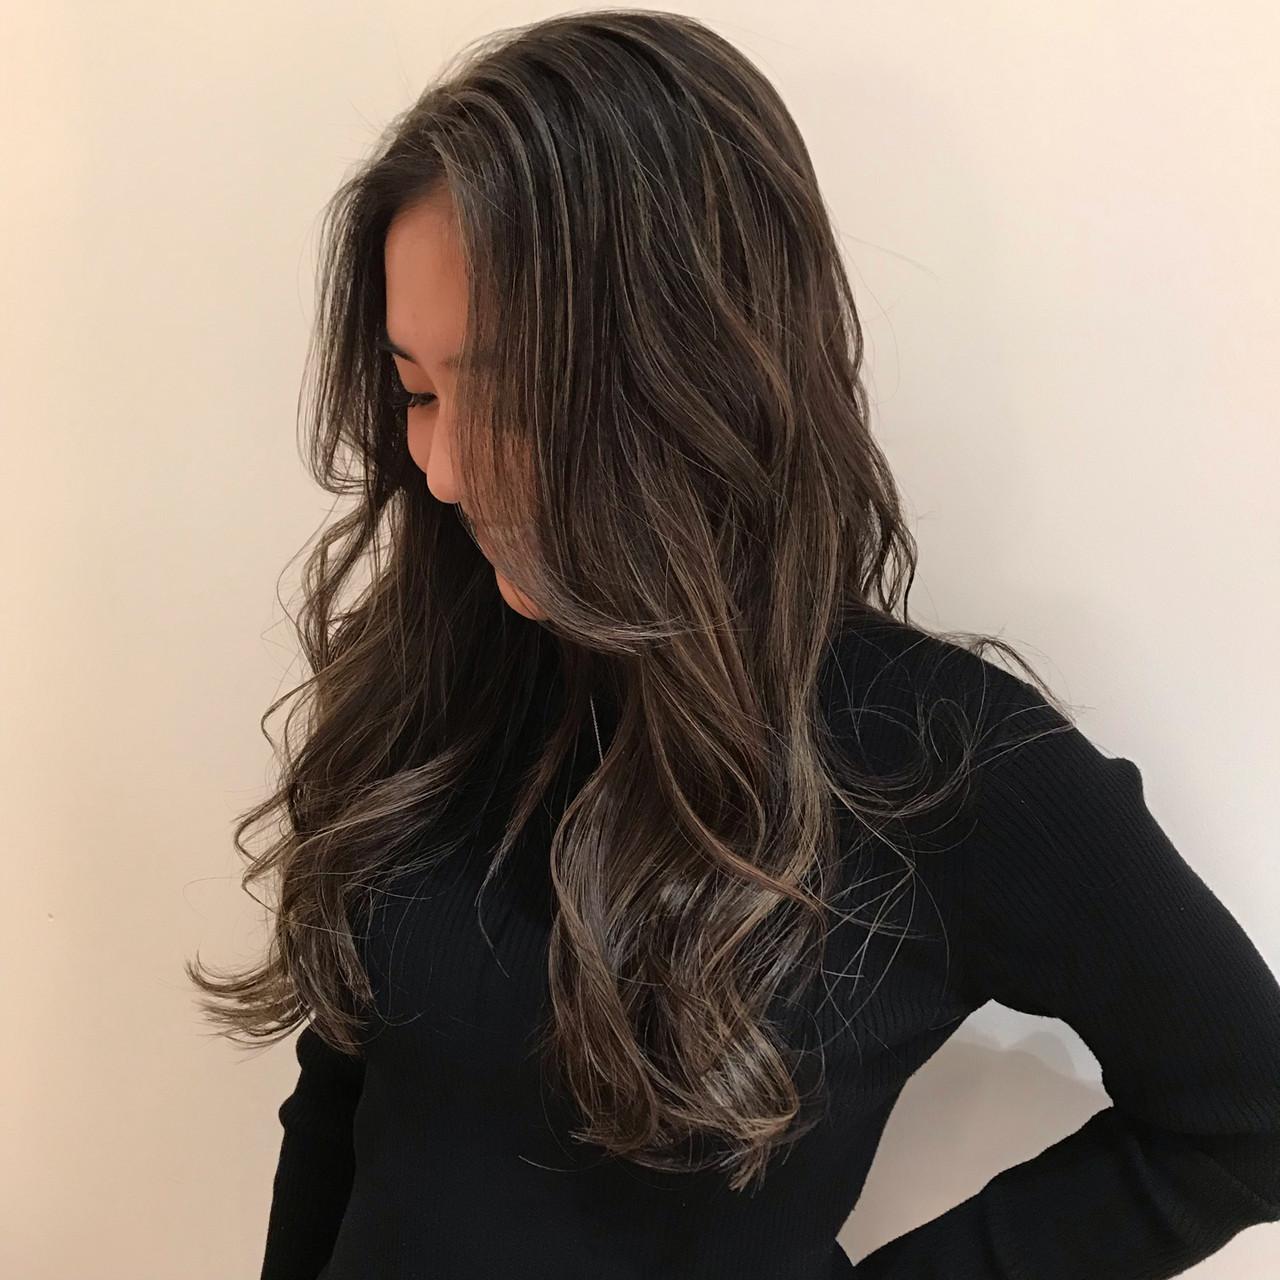 ヘアカラー 地毛ハイライト 黒髪 ロング ヘアスタイルや髪型の写真・画像